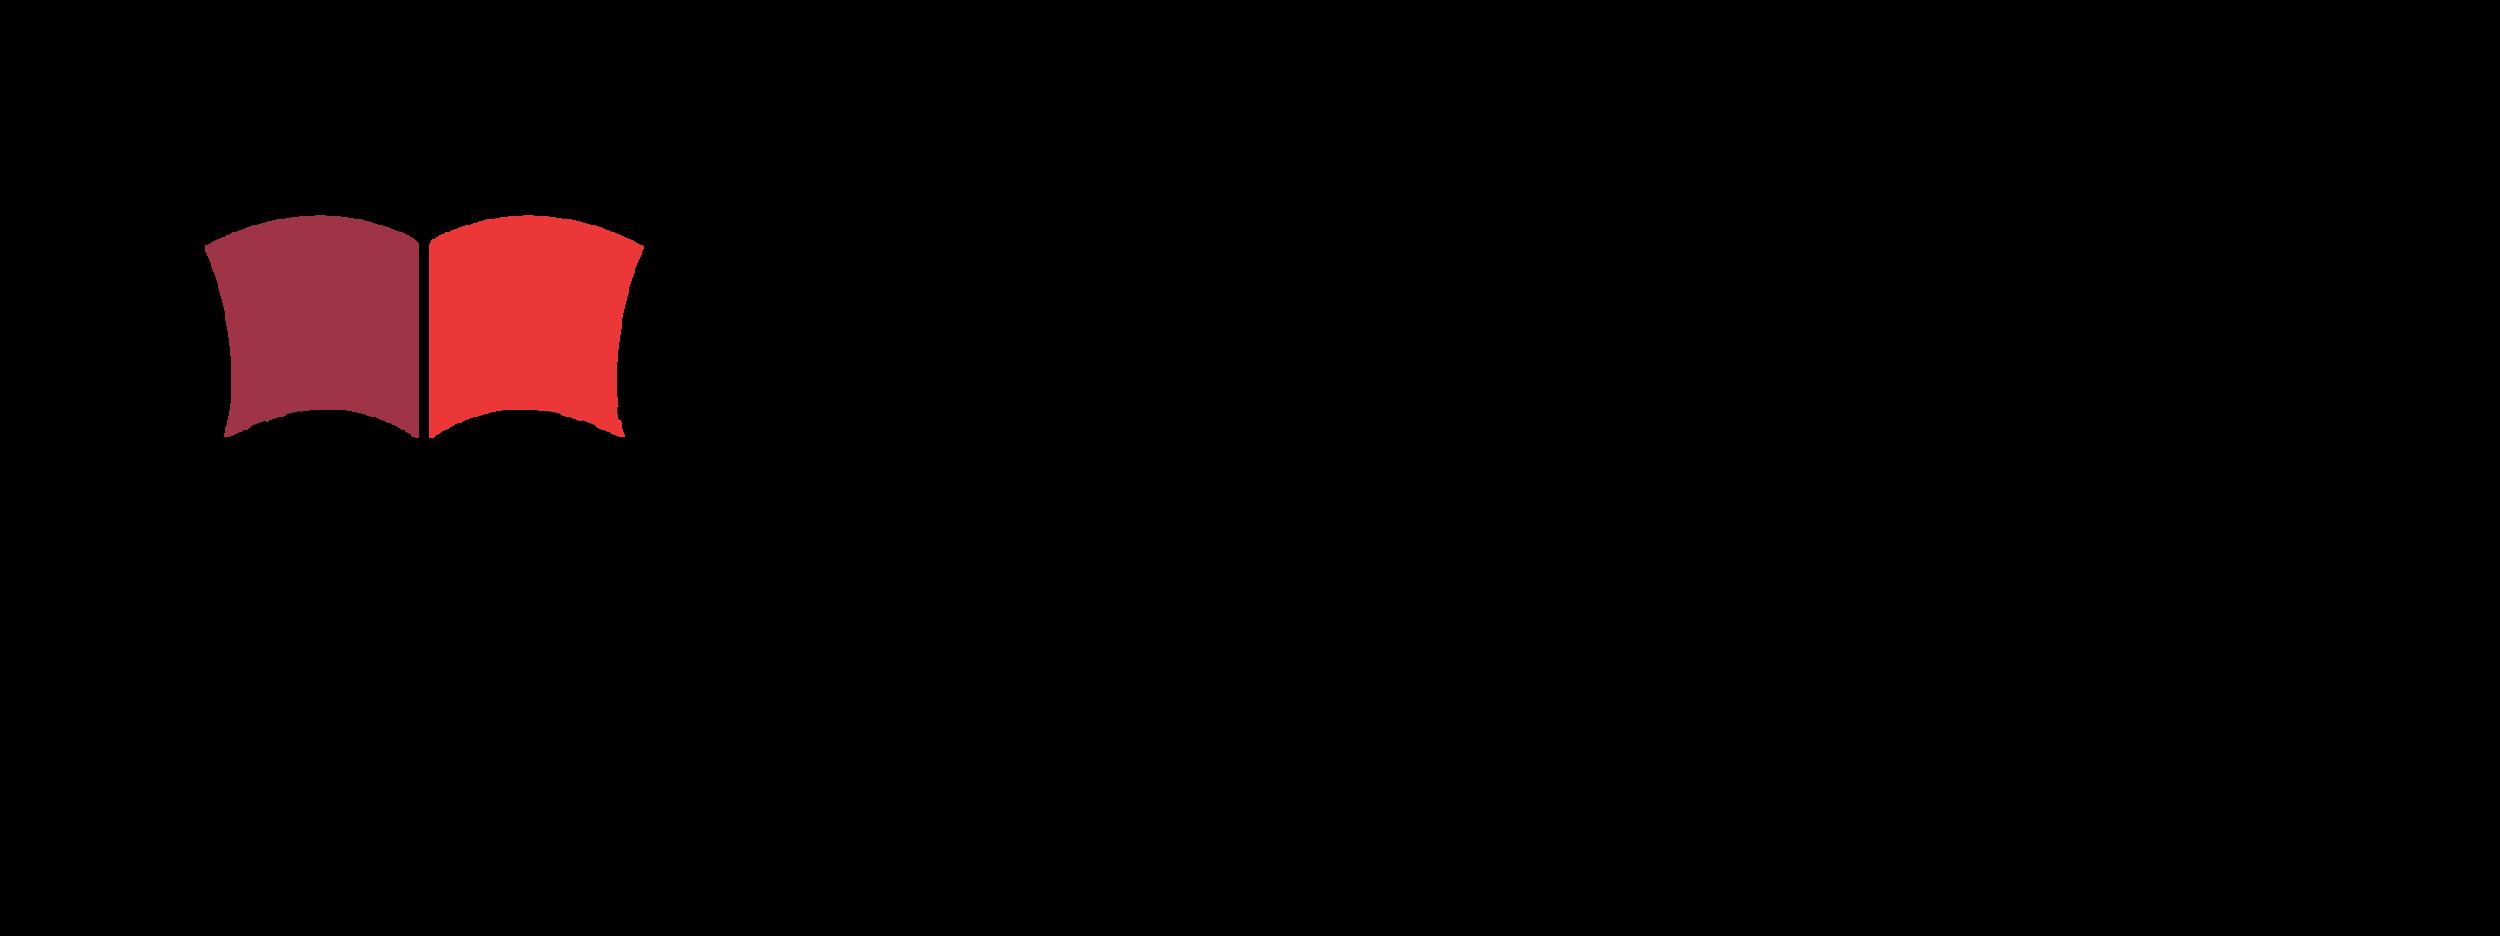 SM_logo_stacked_CMYK.png